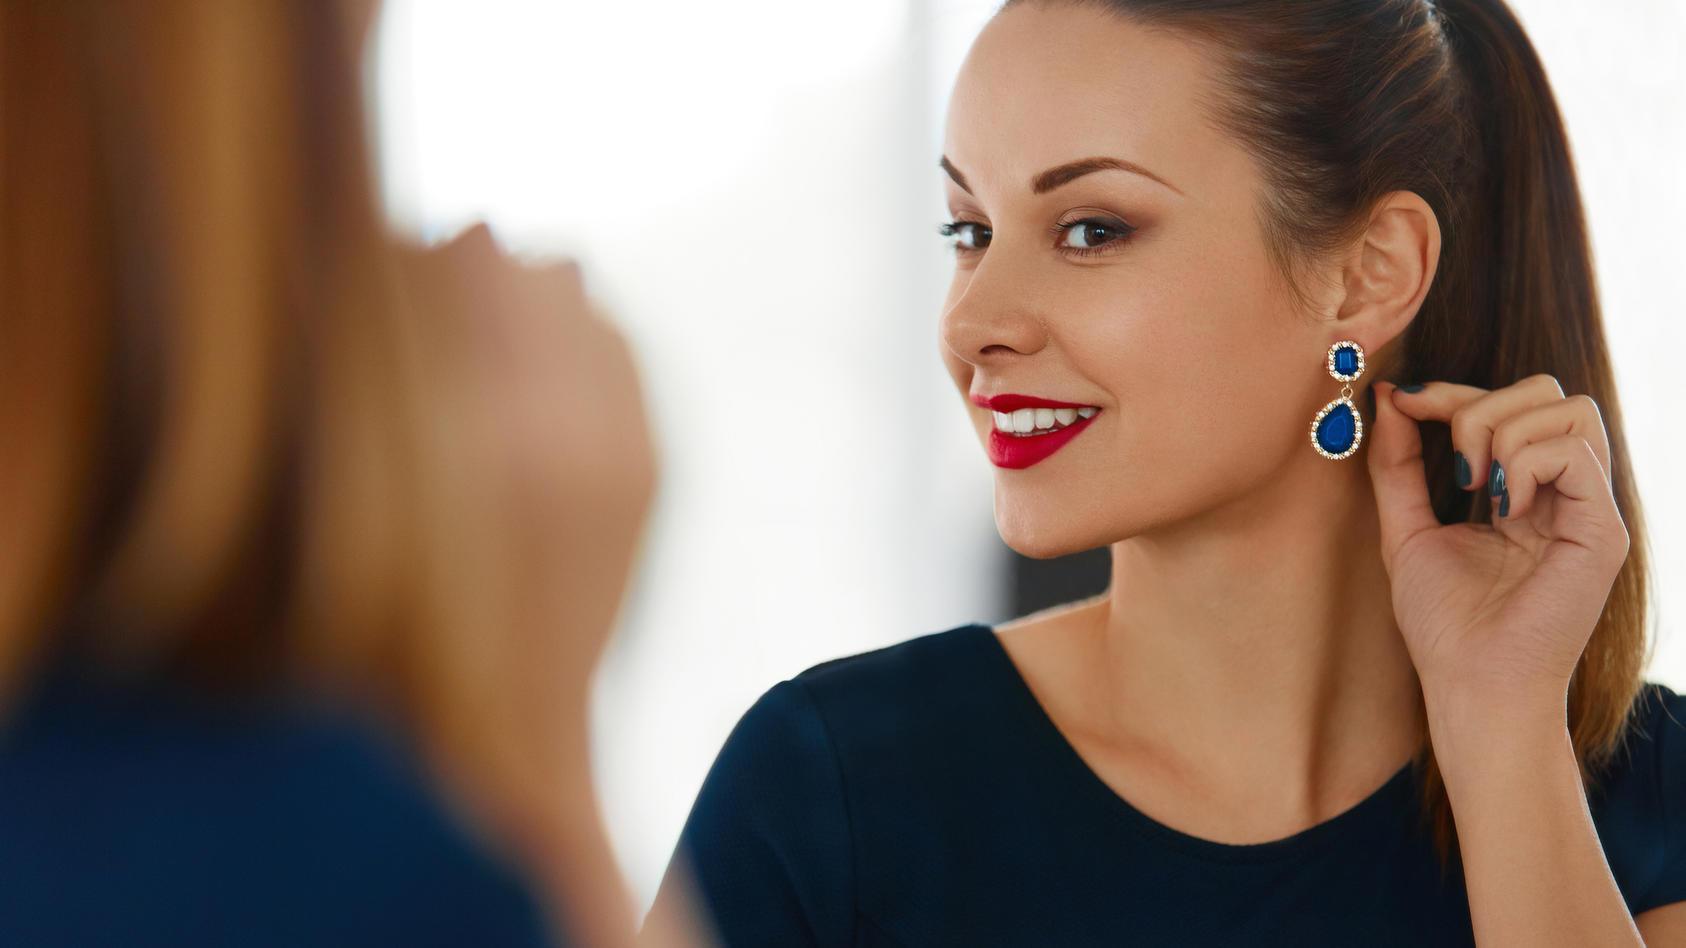 Statement-Ohrringe sind der Accessoires-Trend dieser Modesaison